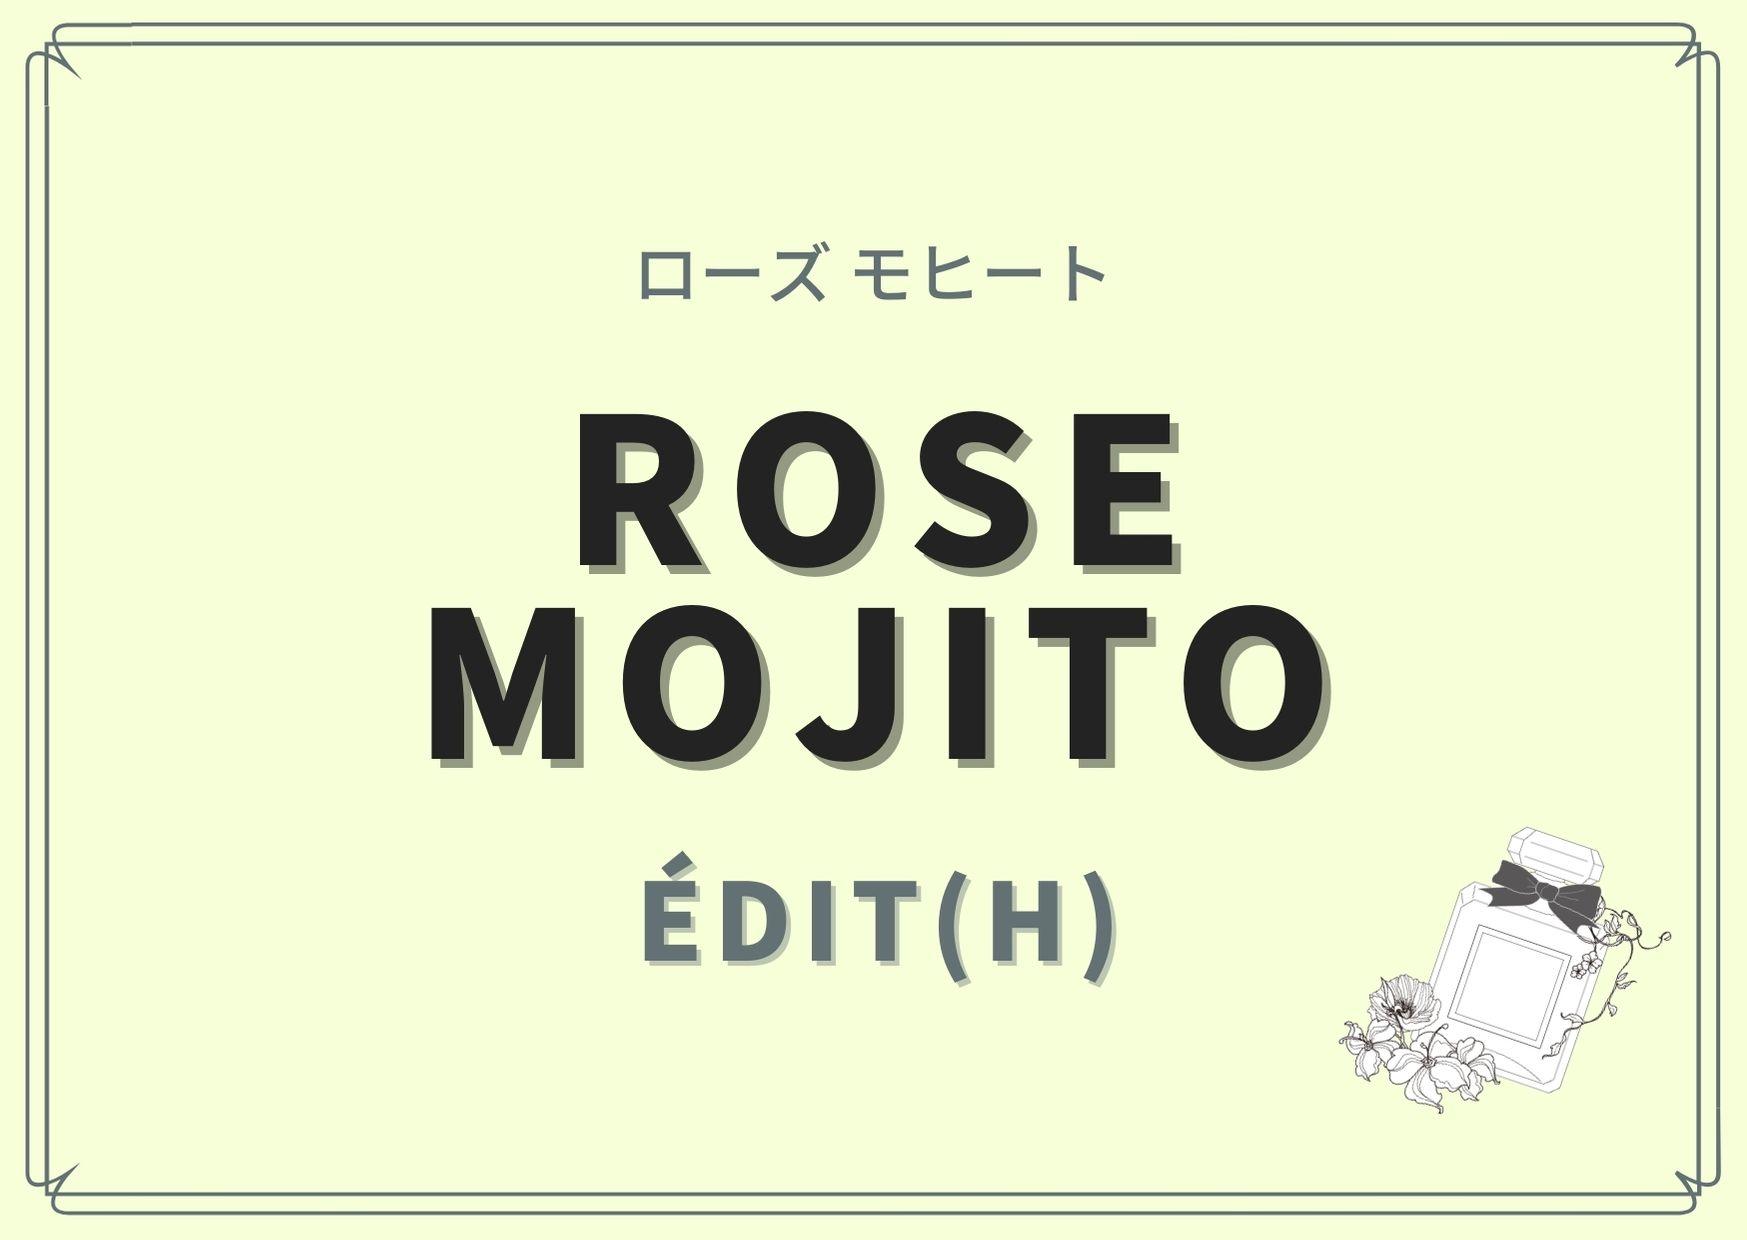 Rose Mojito(ローズ モヒート)/ÉDIT(h)(エディット)